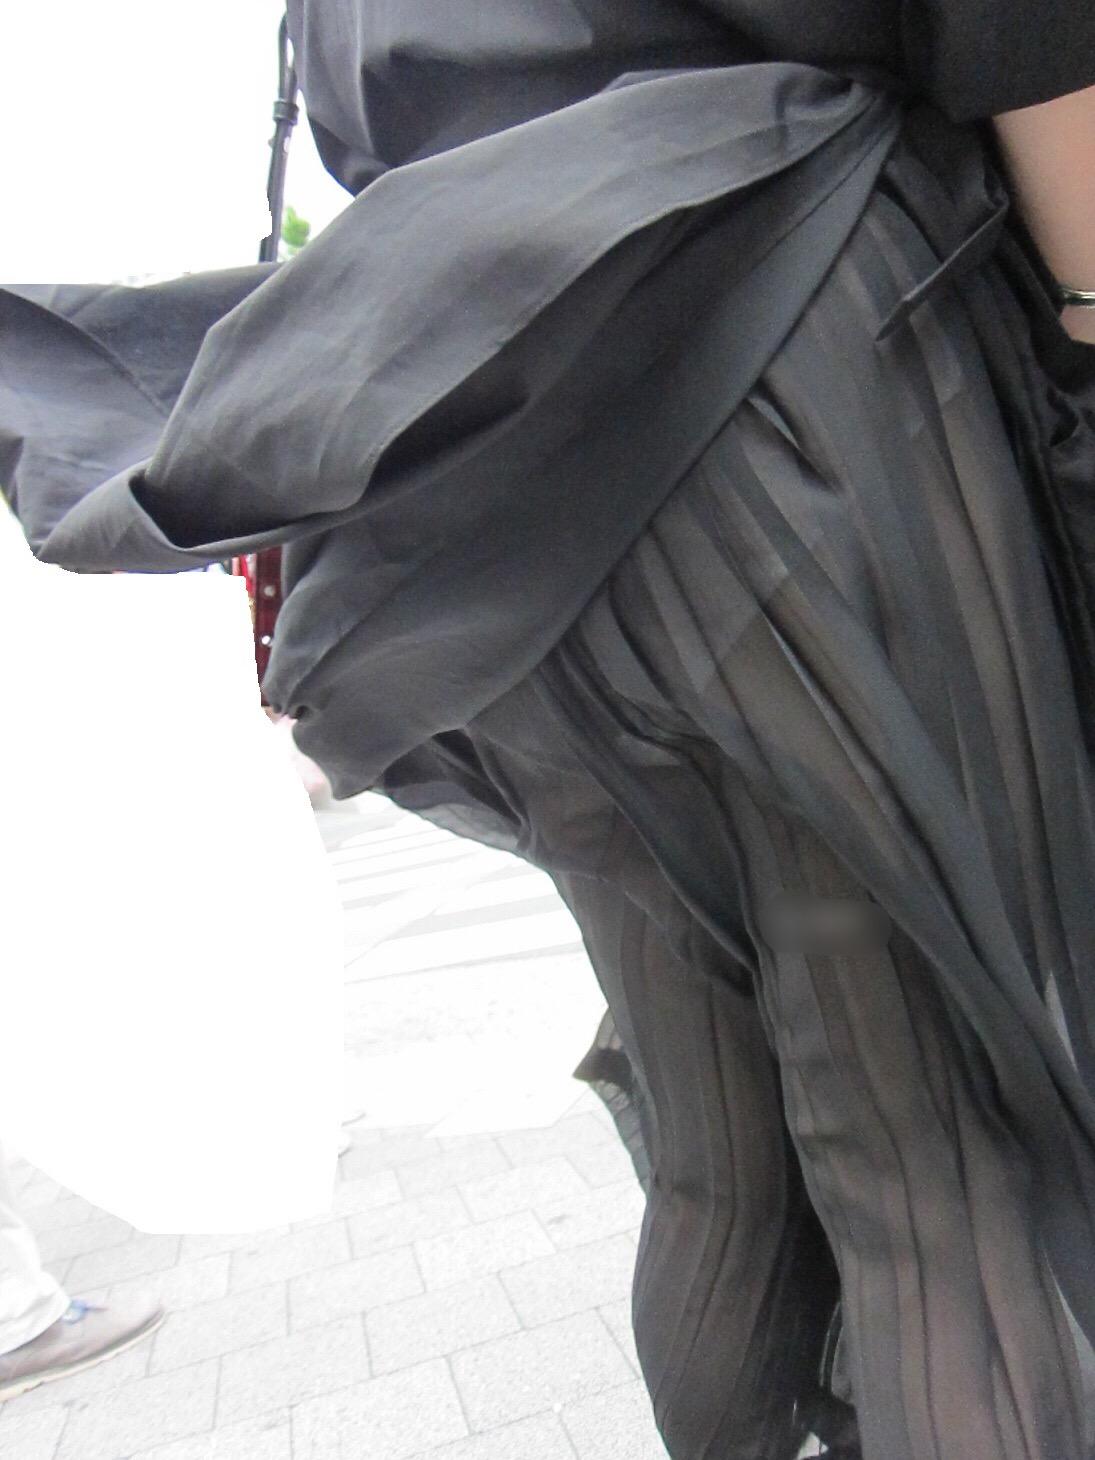 スケパン・スケブラ女子の街撮り素人エロ画像-048